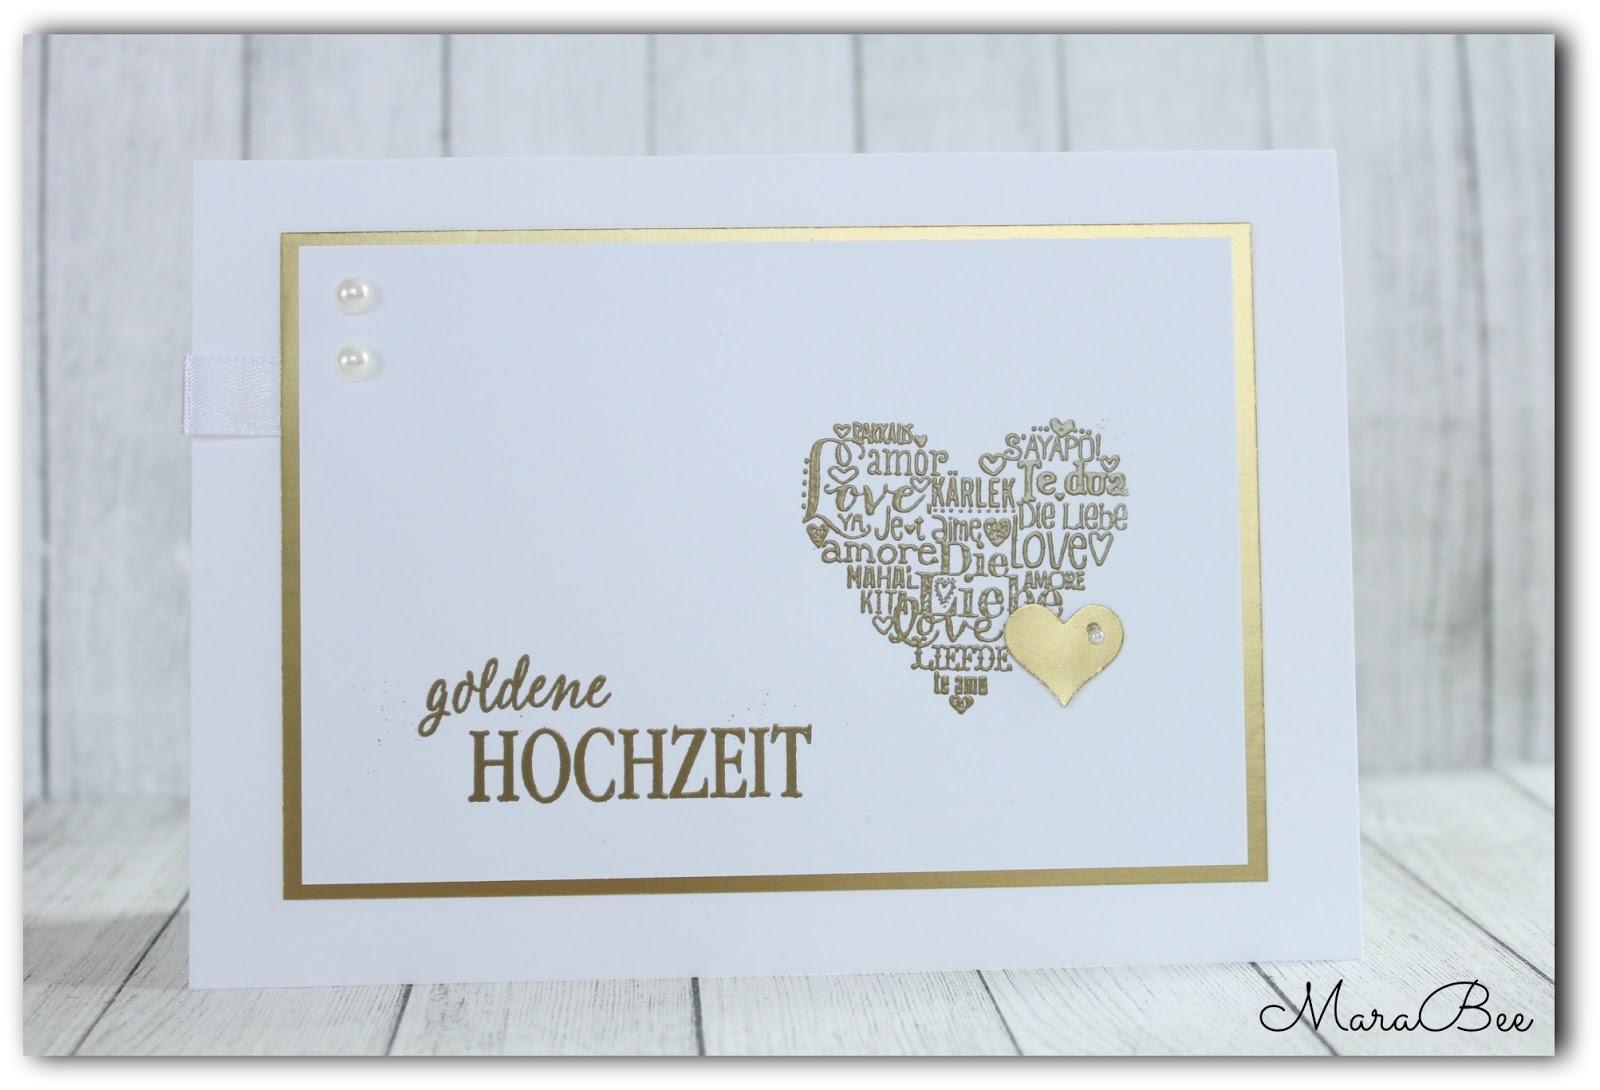 goldene hochzeit karte Goldene Hochzeit